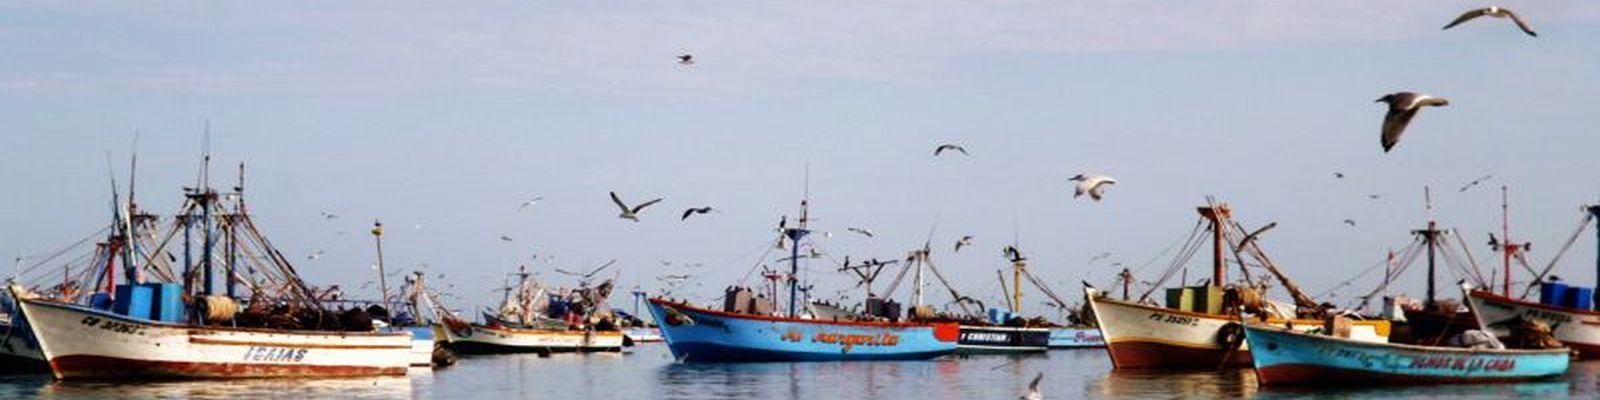 voyage pérou - Port de Paracas